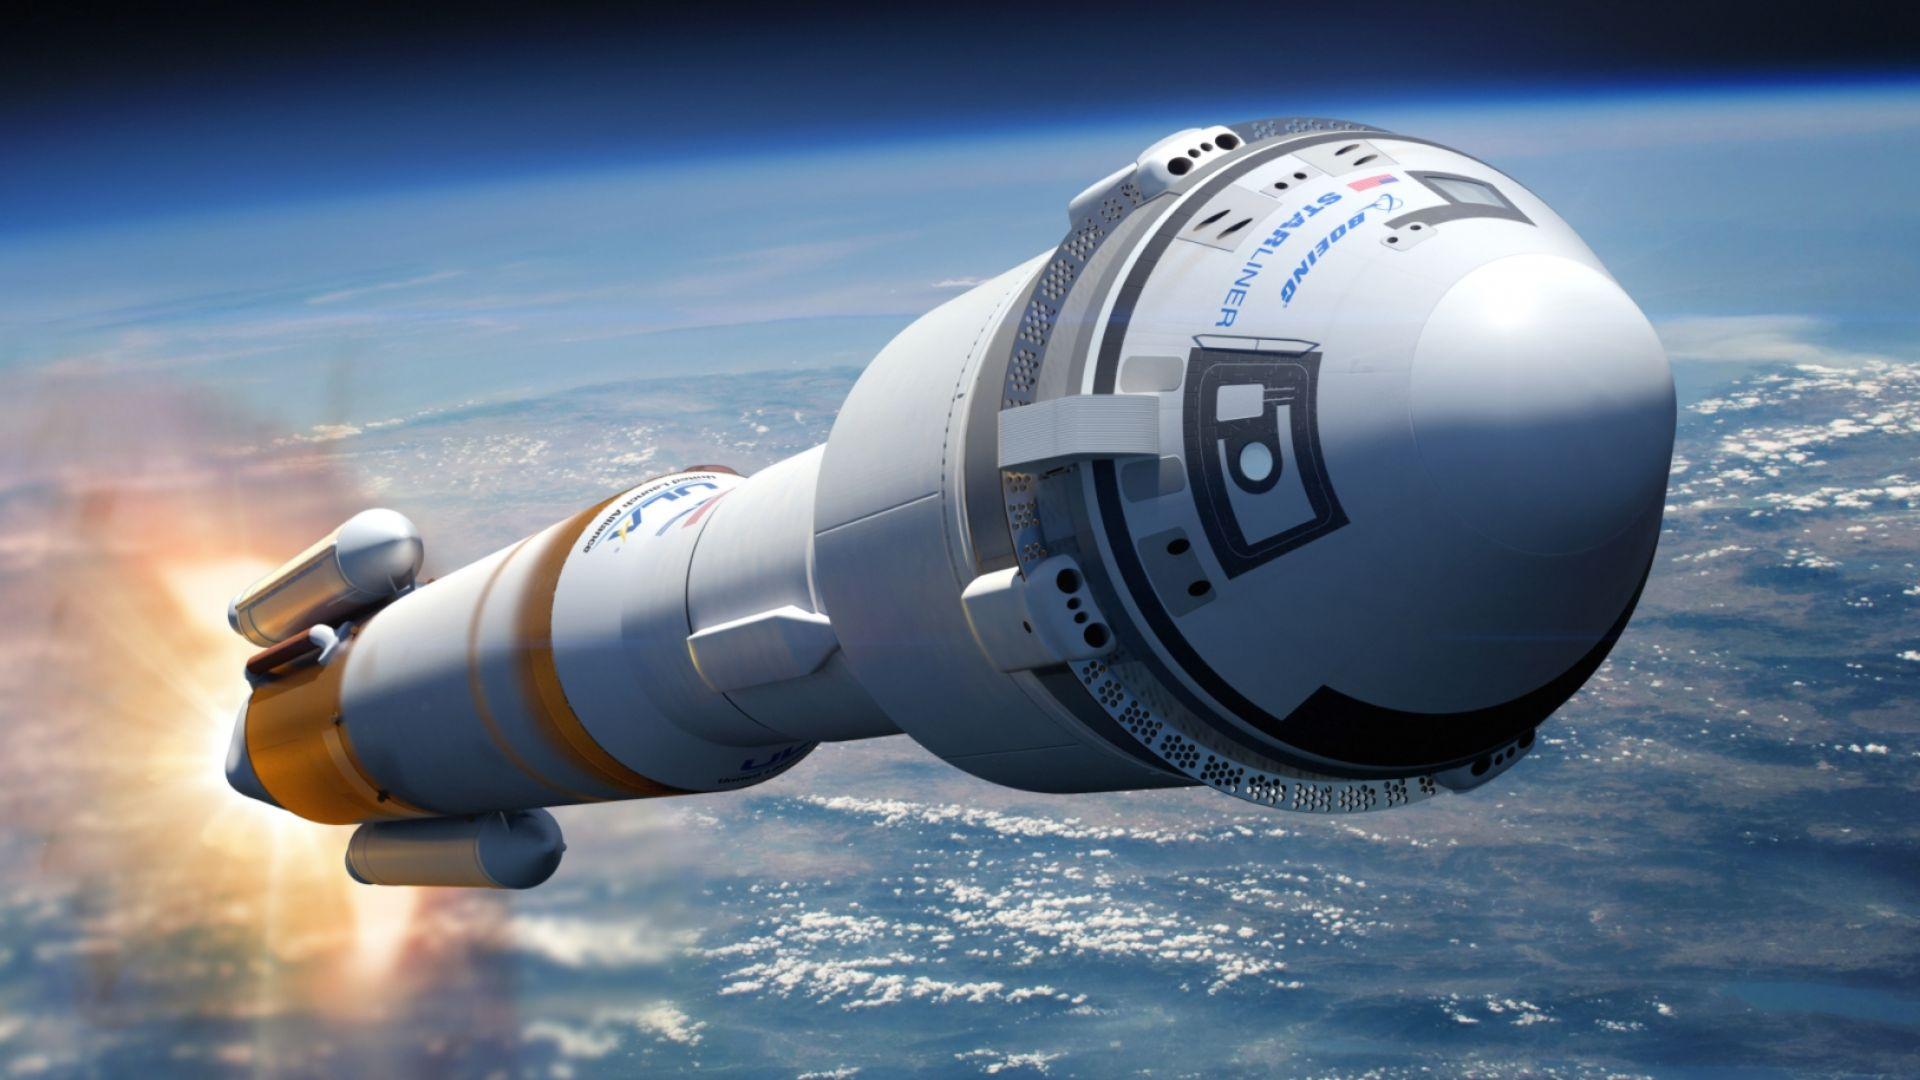 НАСА промени екипажа за първия полет на космическия кораб на Boeing